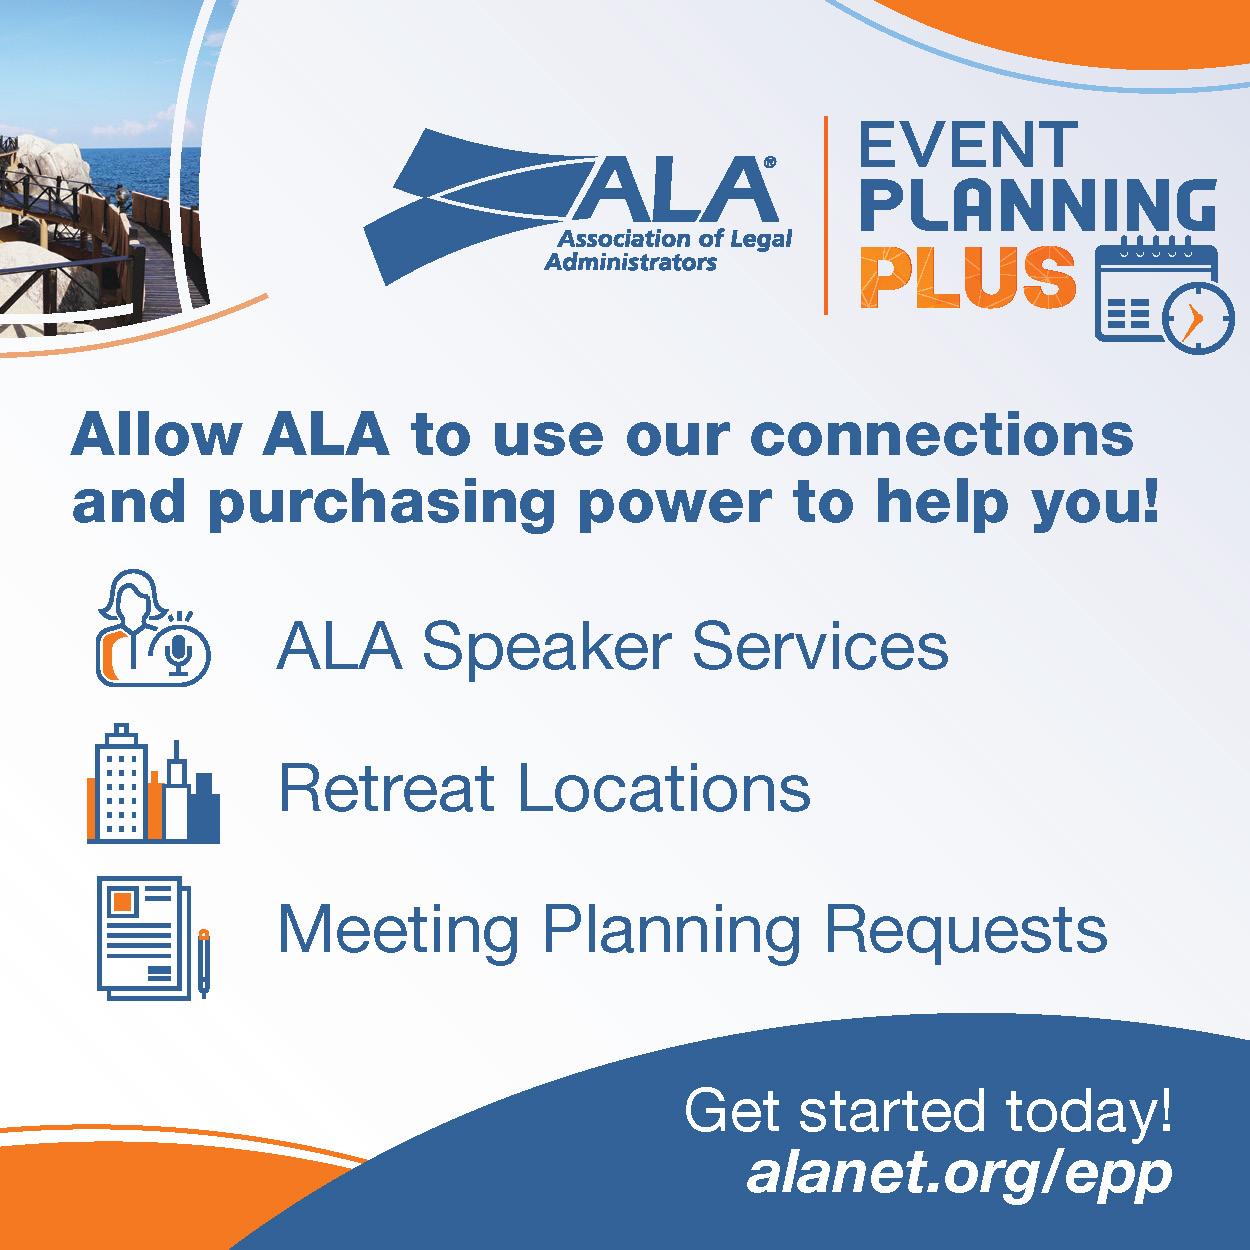 Event Planning Plus